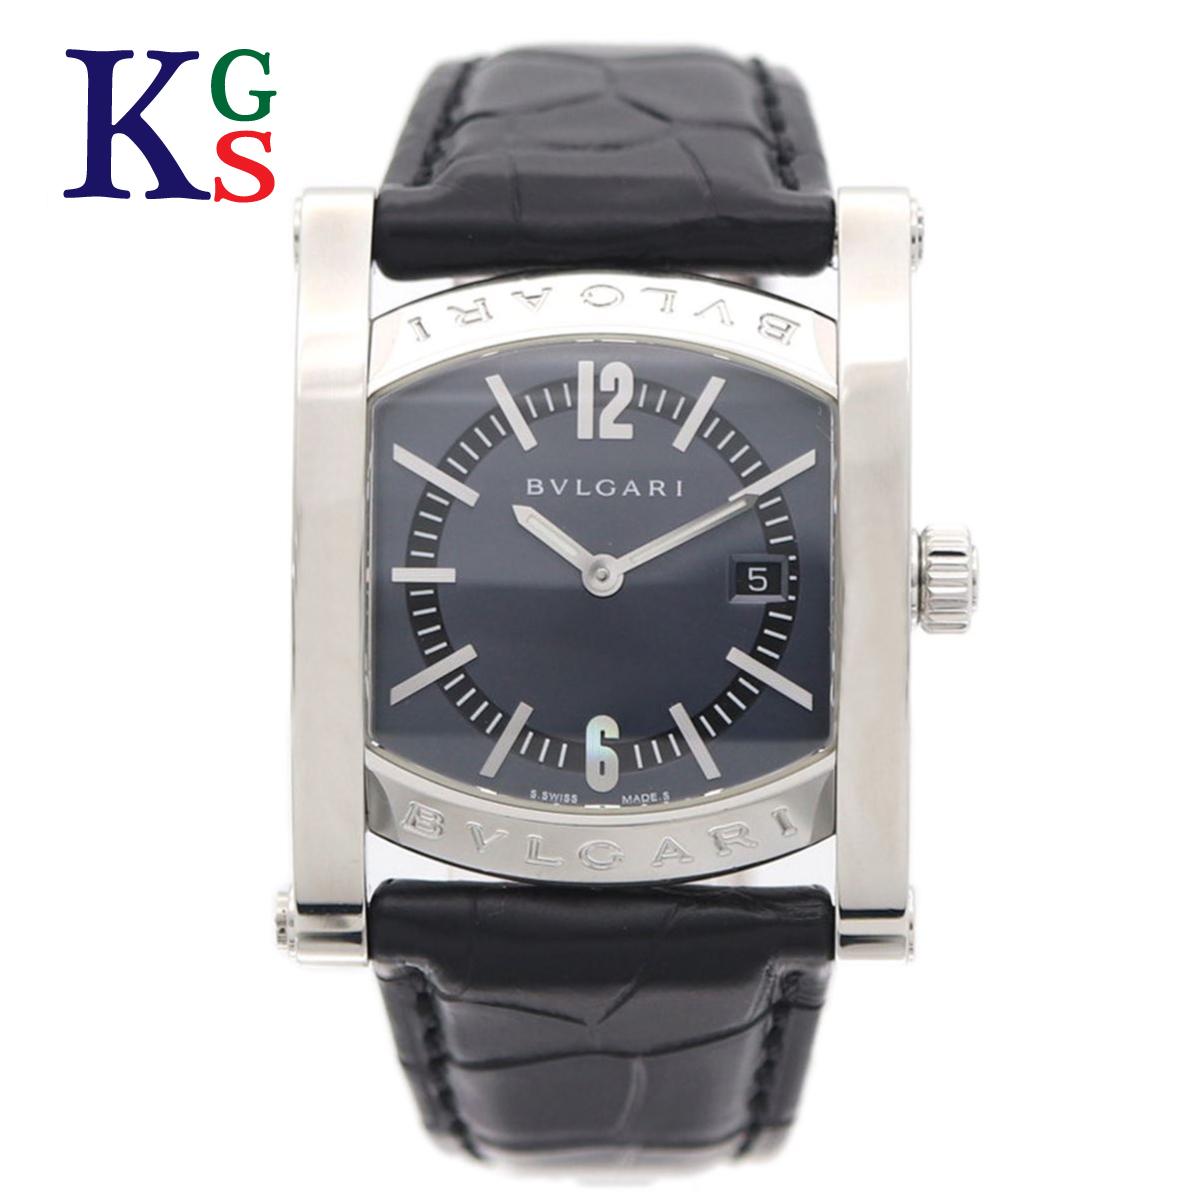 【ギフト品質】ブルガリ/BVLGARI レディース メンズ ユニセックス アショーマ 腕時計 クオーツ ステンレス×アリゲーターベルト AA39S